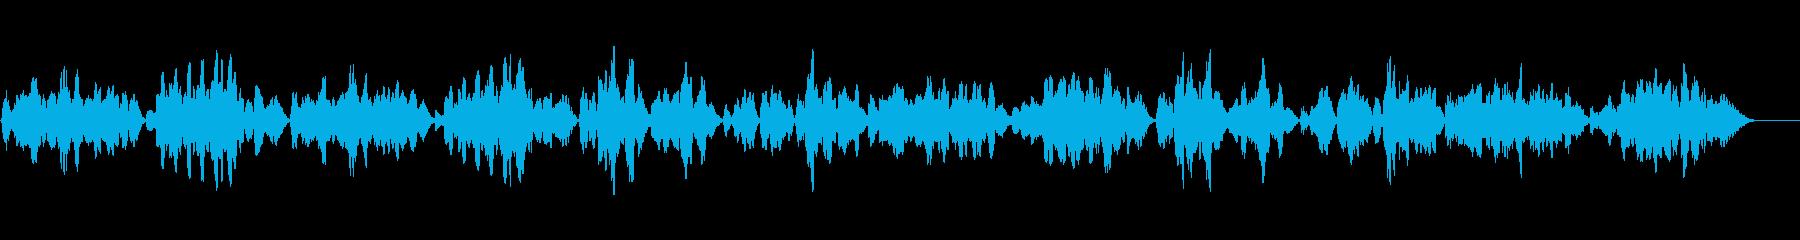 ヘンデル作曲ブーレをヴァイオリンソロでの再生済みの波形